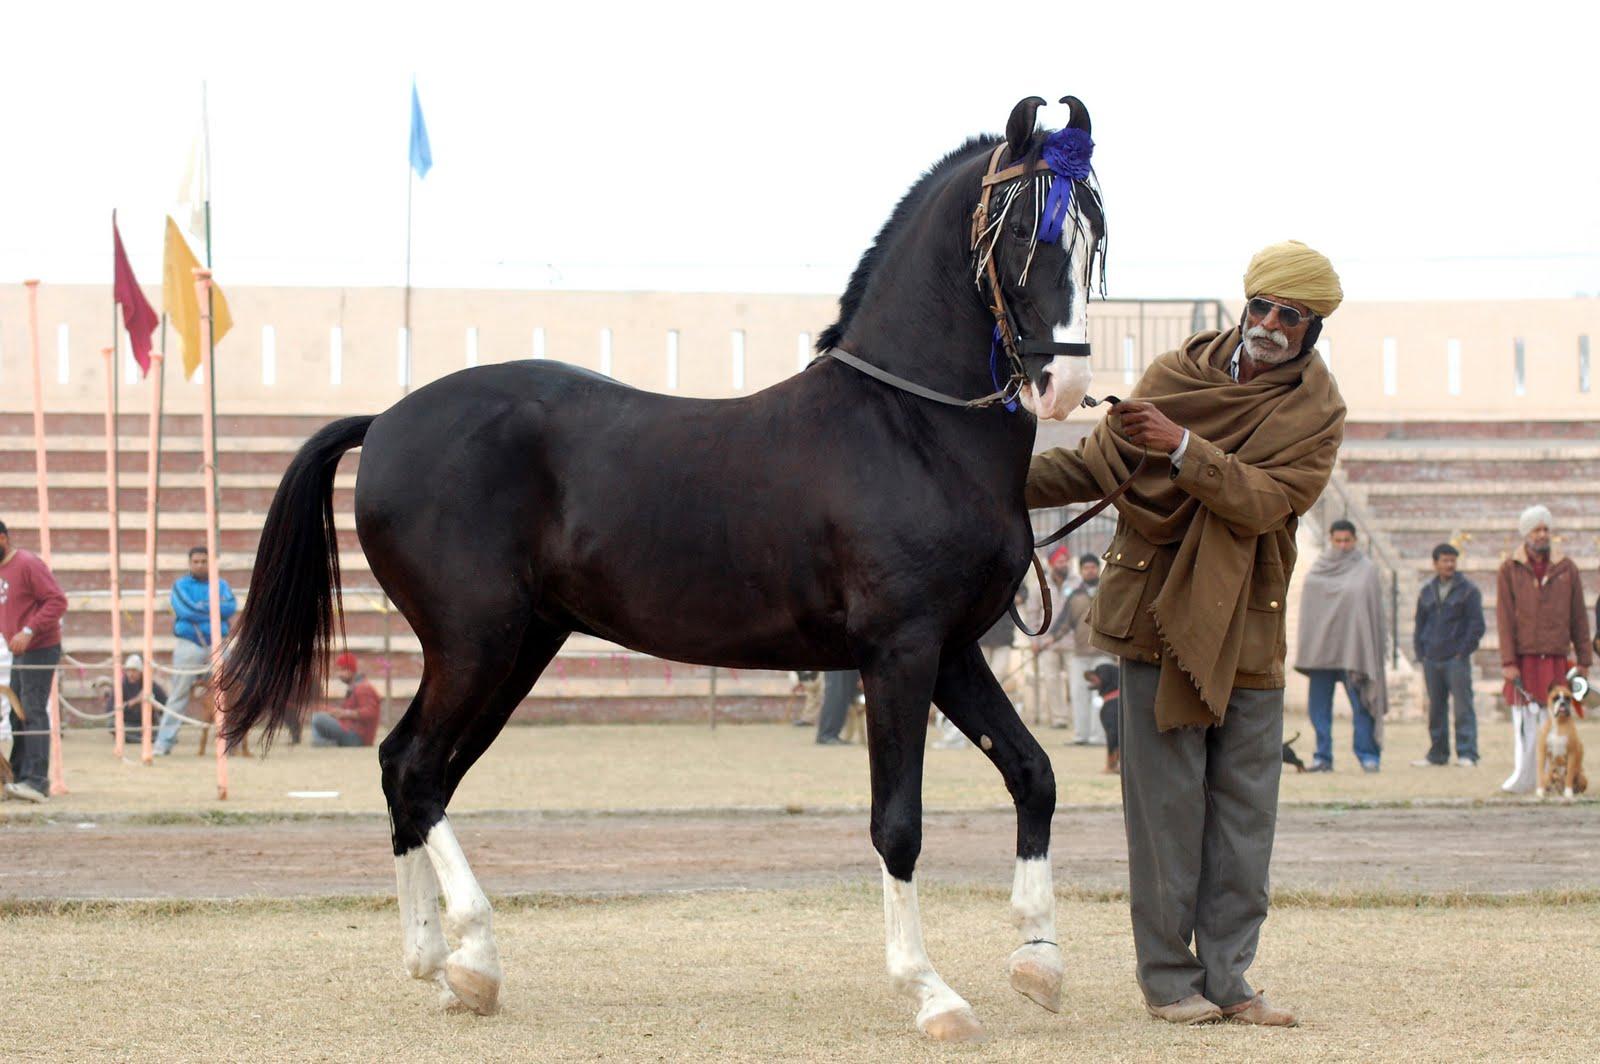 بالصور اجمل حصان في العالم , احلي خيول 2391 12